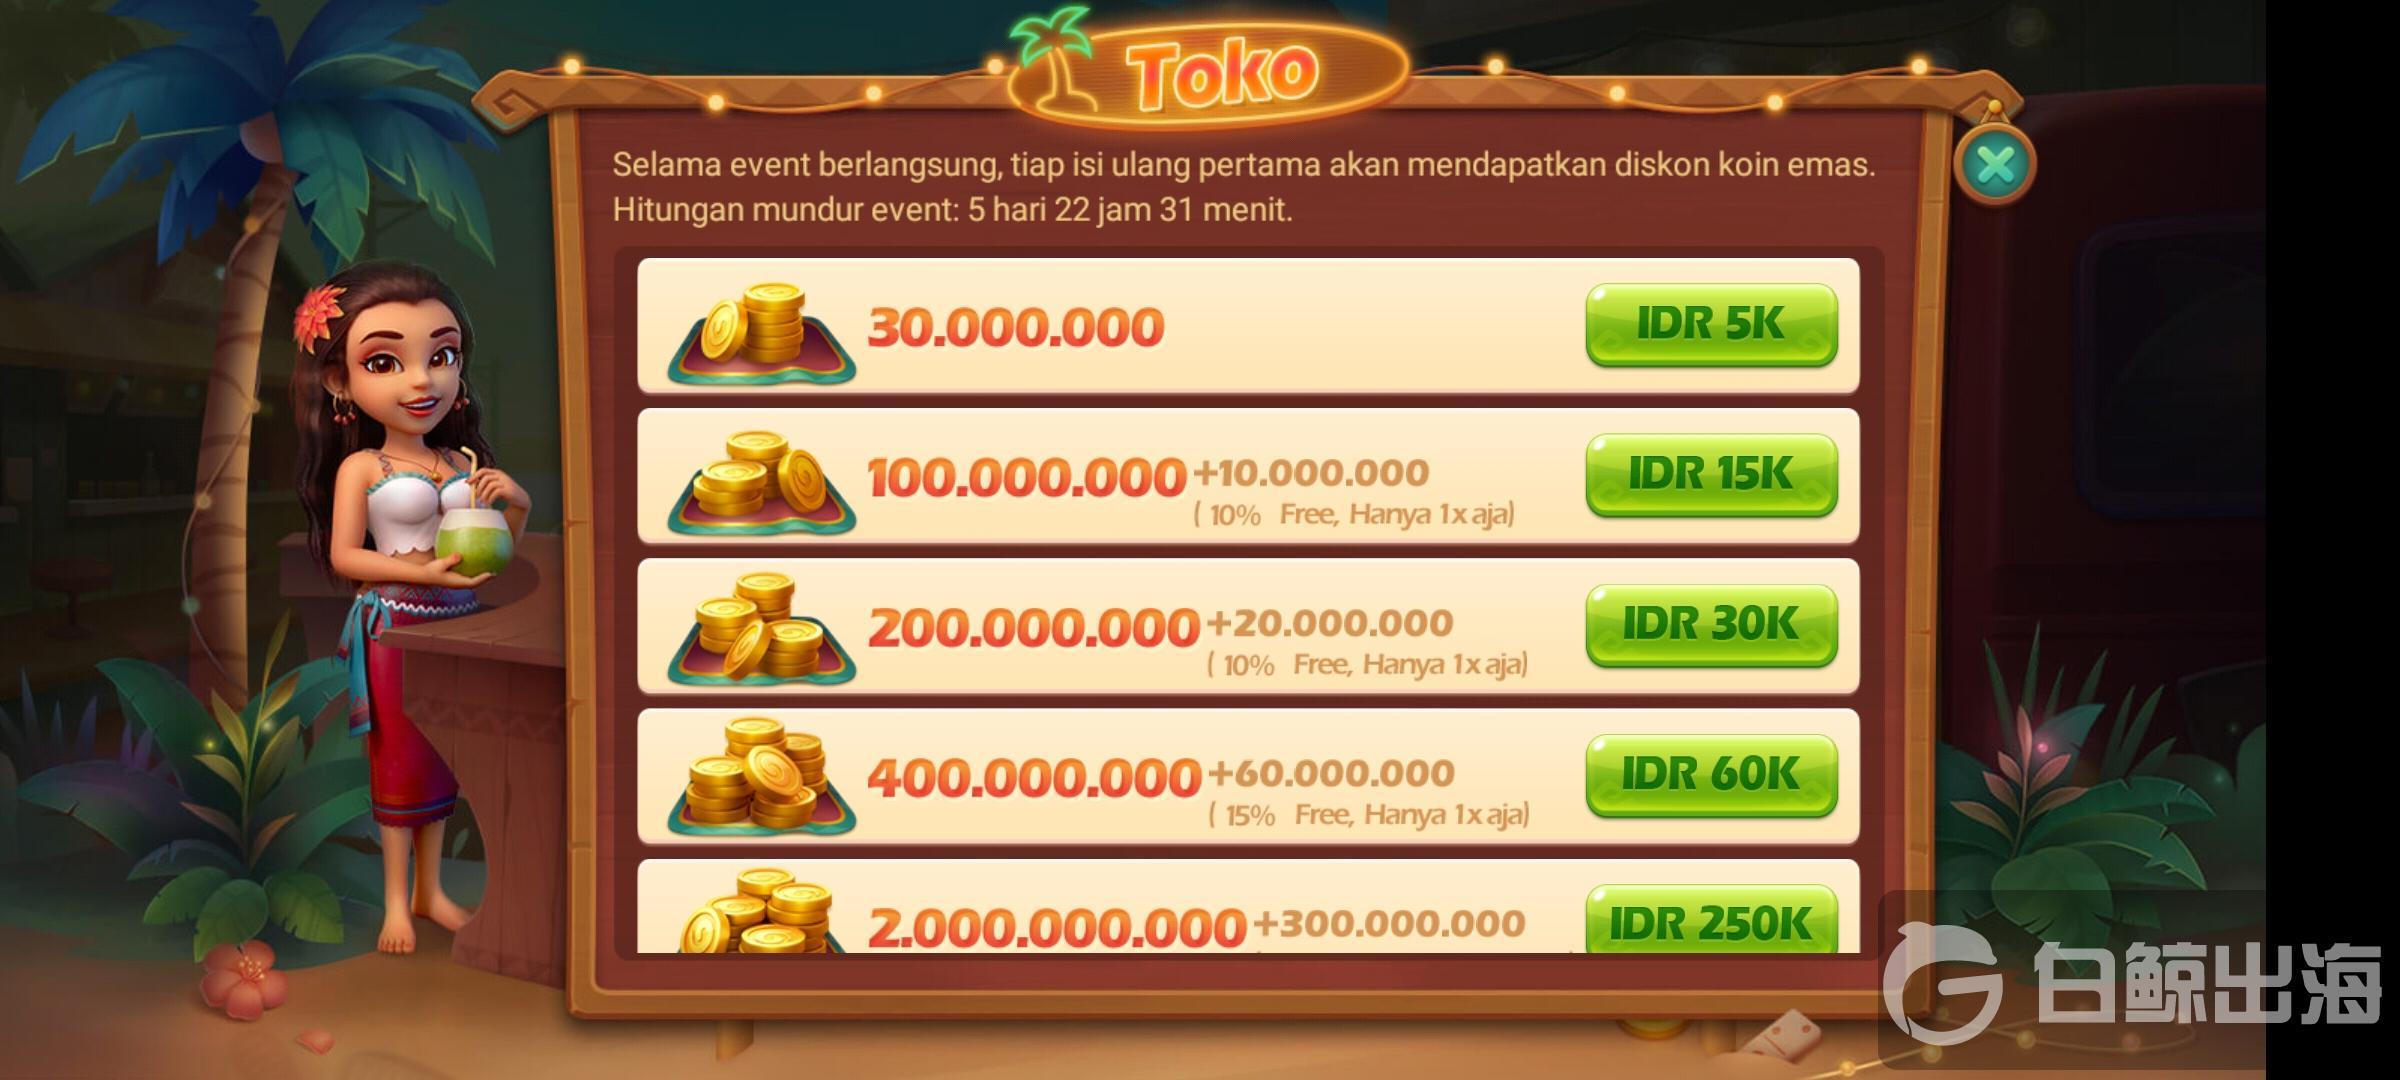 畅销榜排名超《王国纪元》 棋牌游戏出海印尼和中东该怎么做?